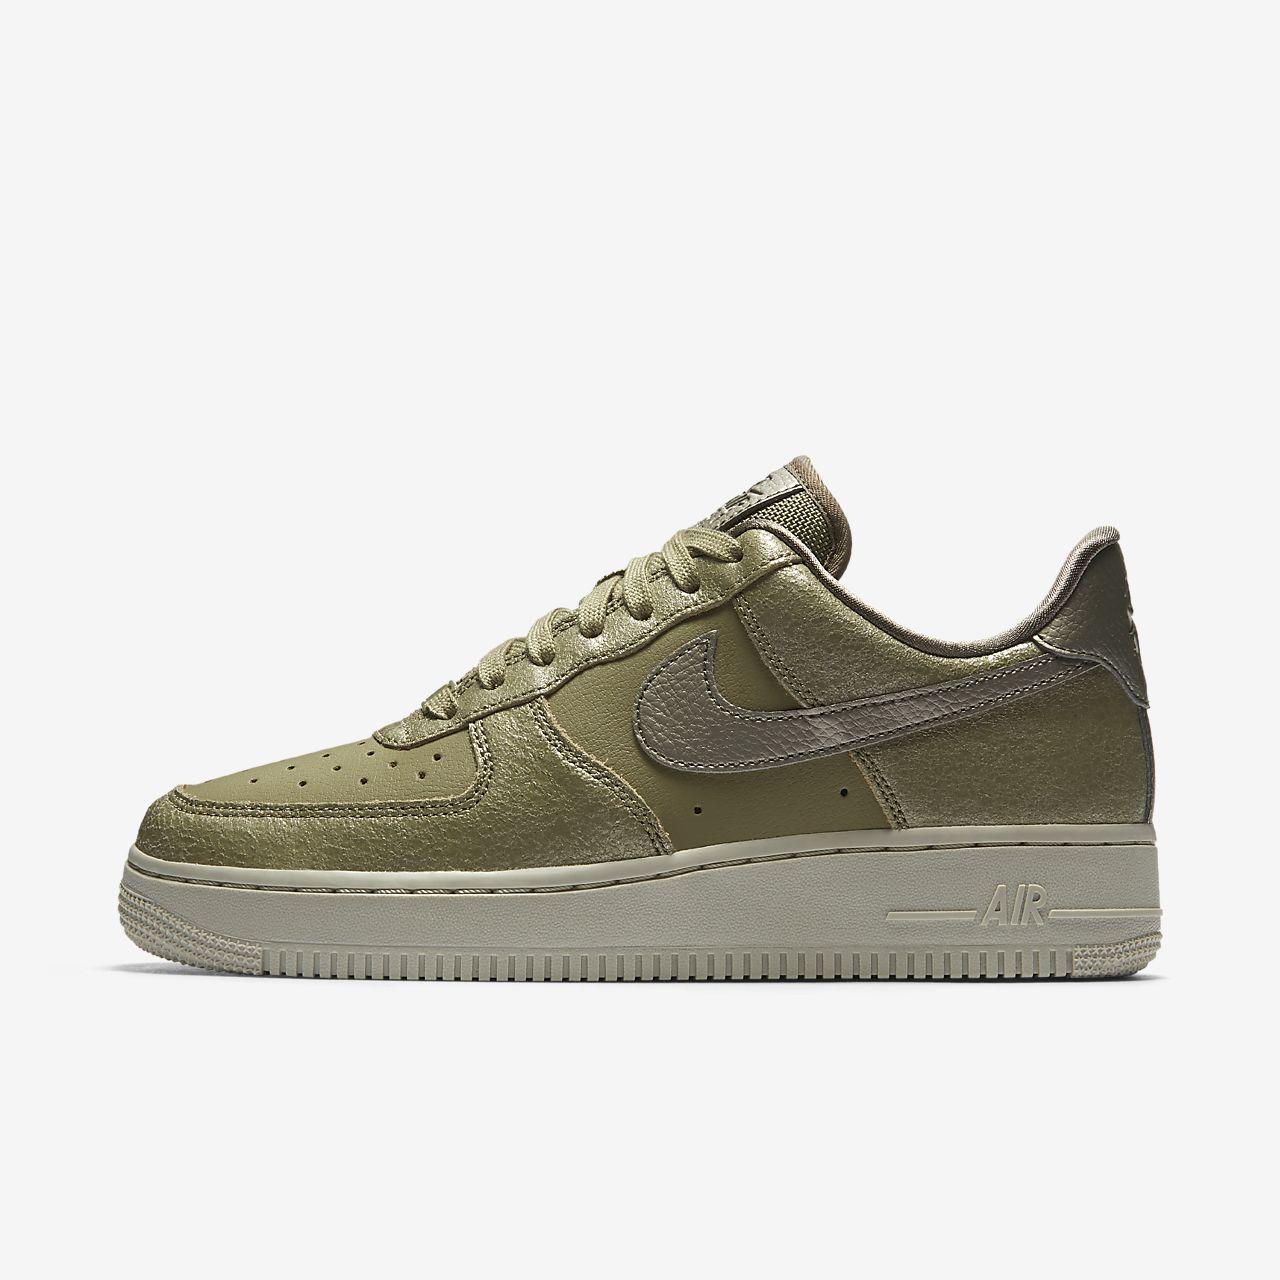 Calzado para mujer Nike Air Force 1 '07 Low Premium